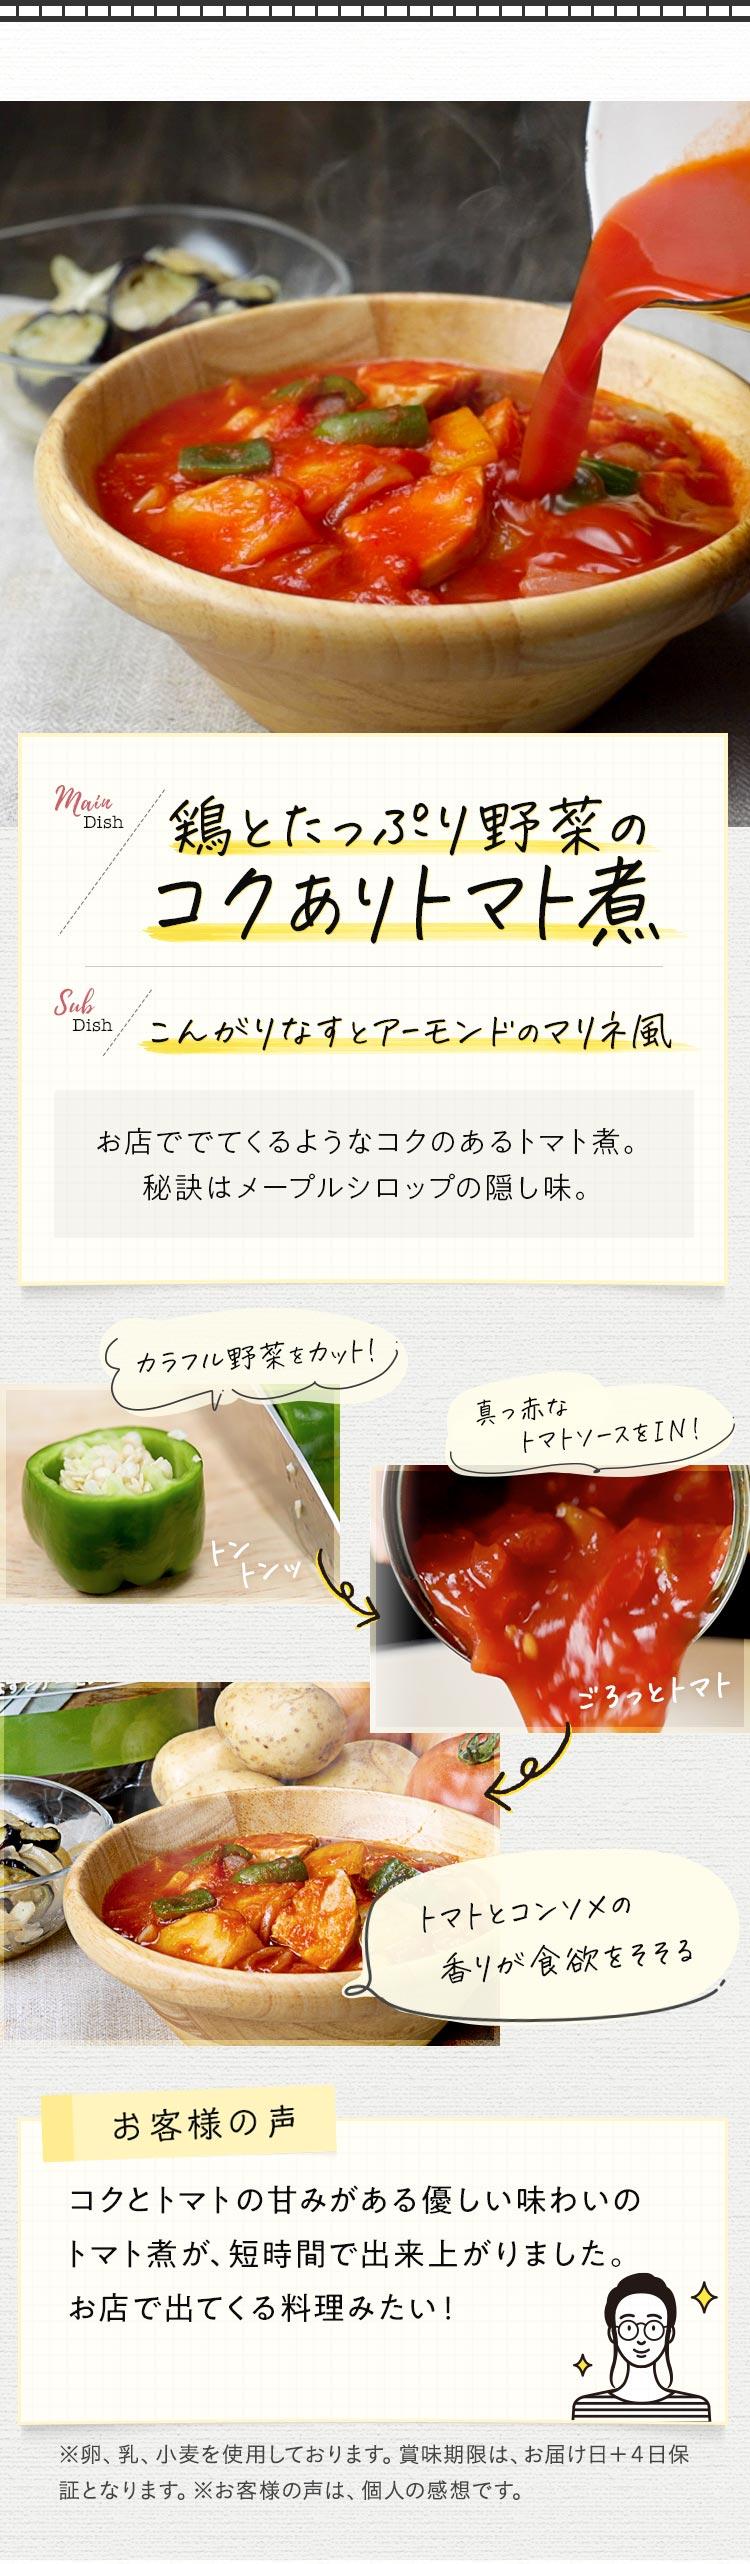 鶏とたっぷり野菜の コクありトマト煮